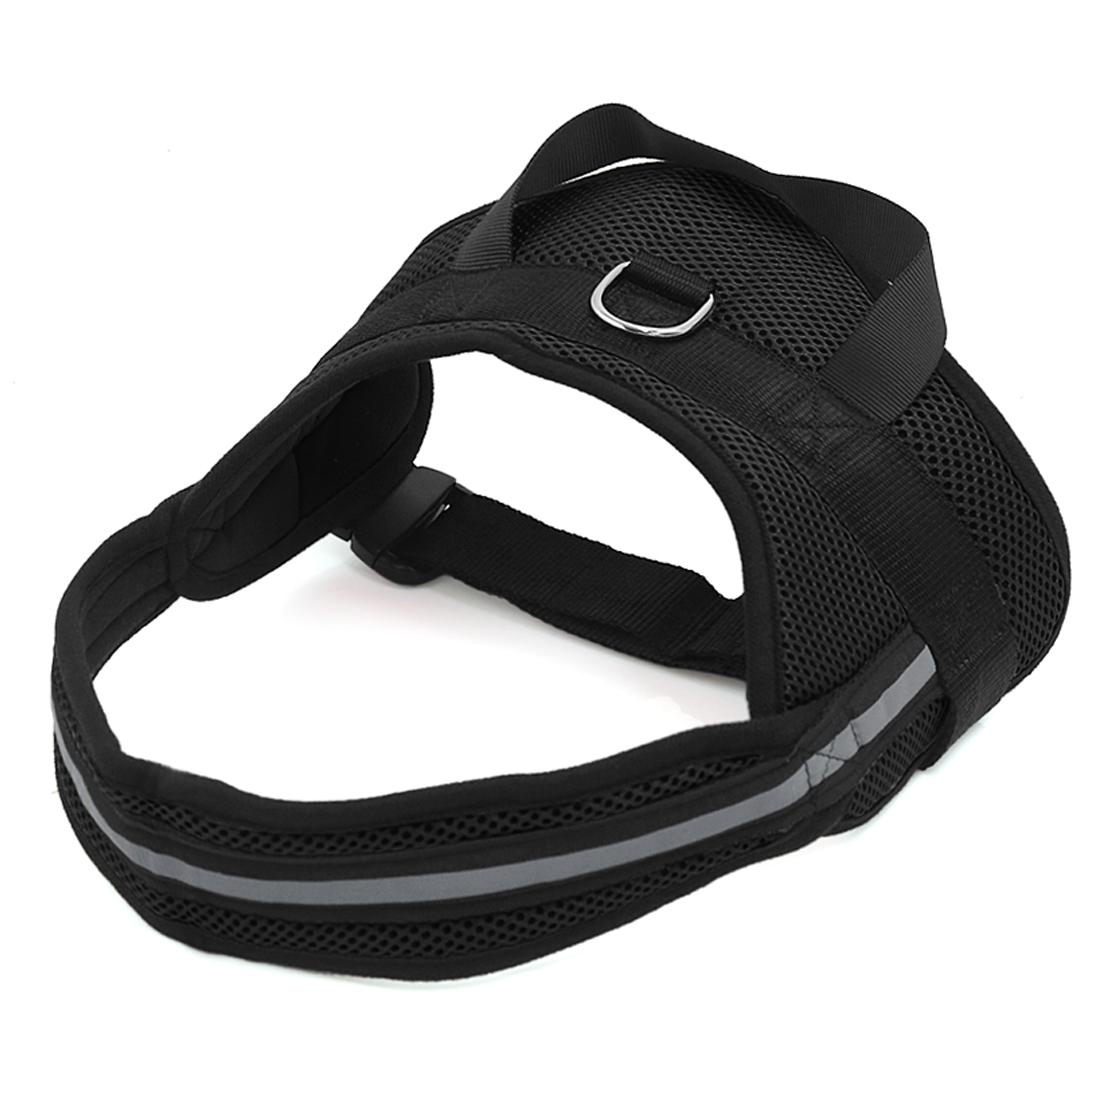 Big Dog Soft Mesh Reflective No Pull Harness Adjustable Large Pet Walk Vest Safe Control Collar Black M